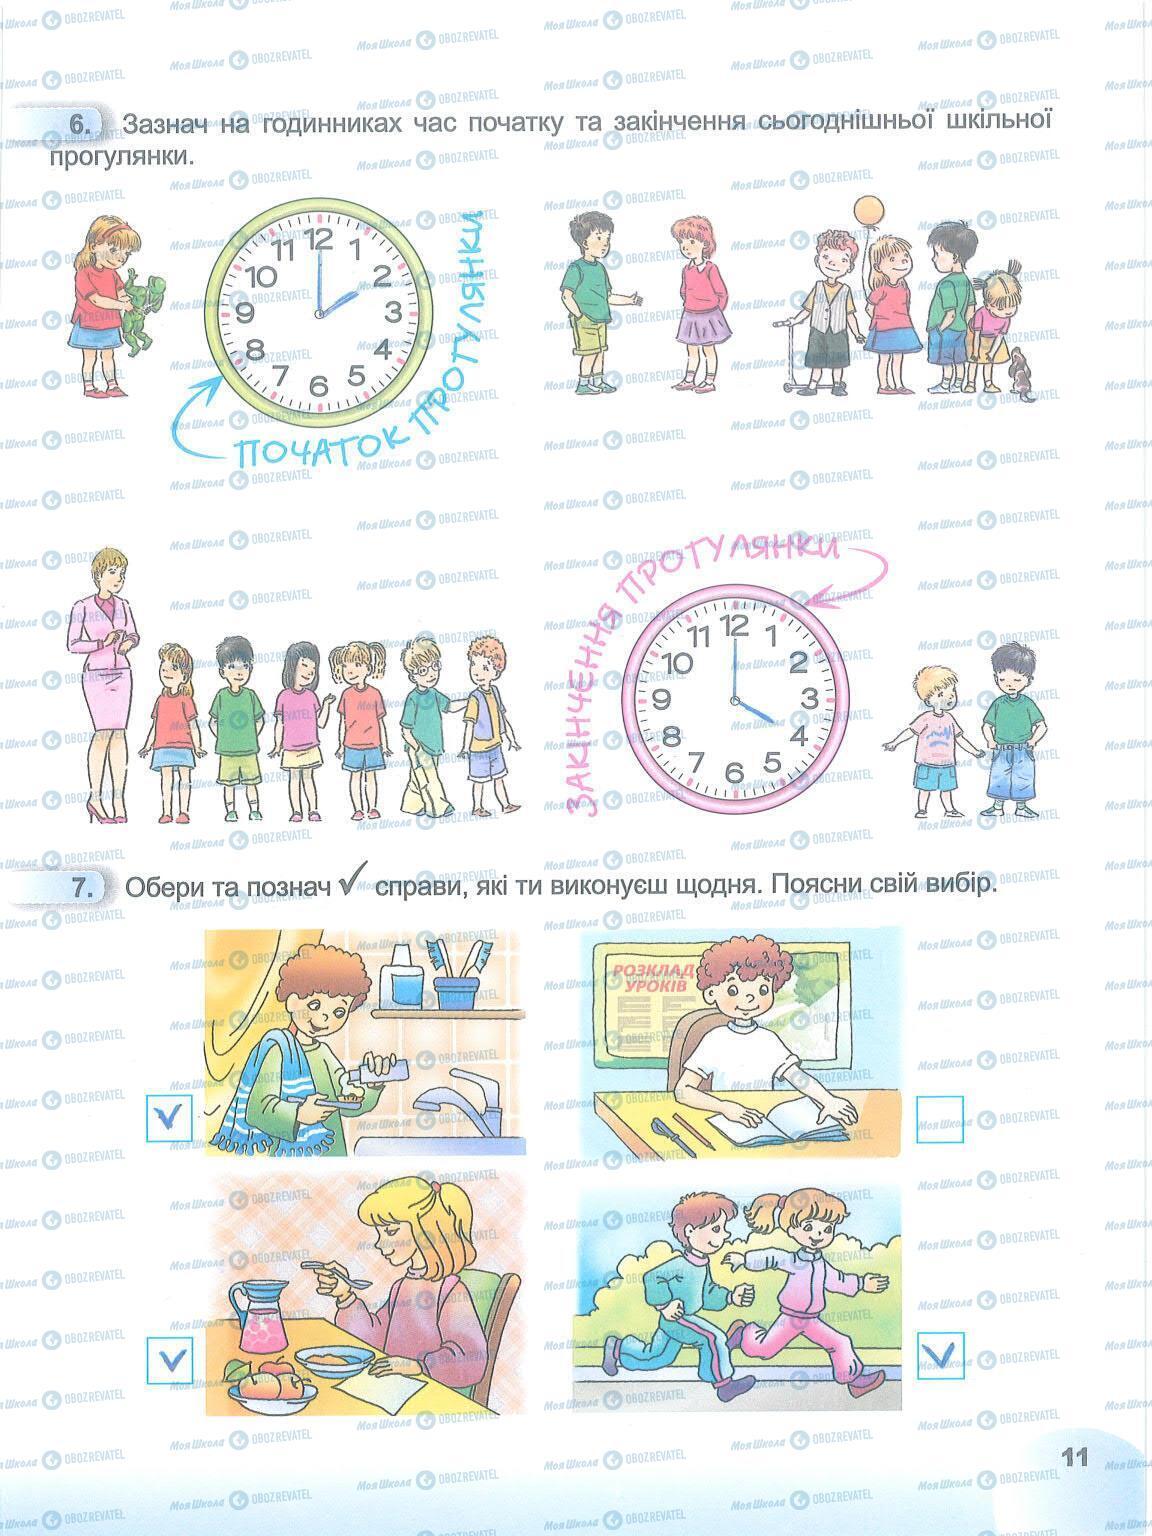 ГДЗ Я досліджую світ 1 клас сторінка 11